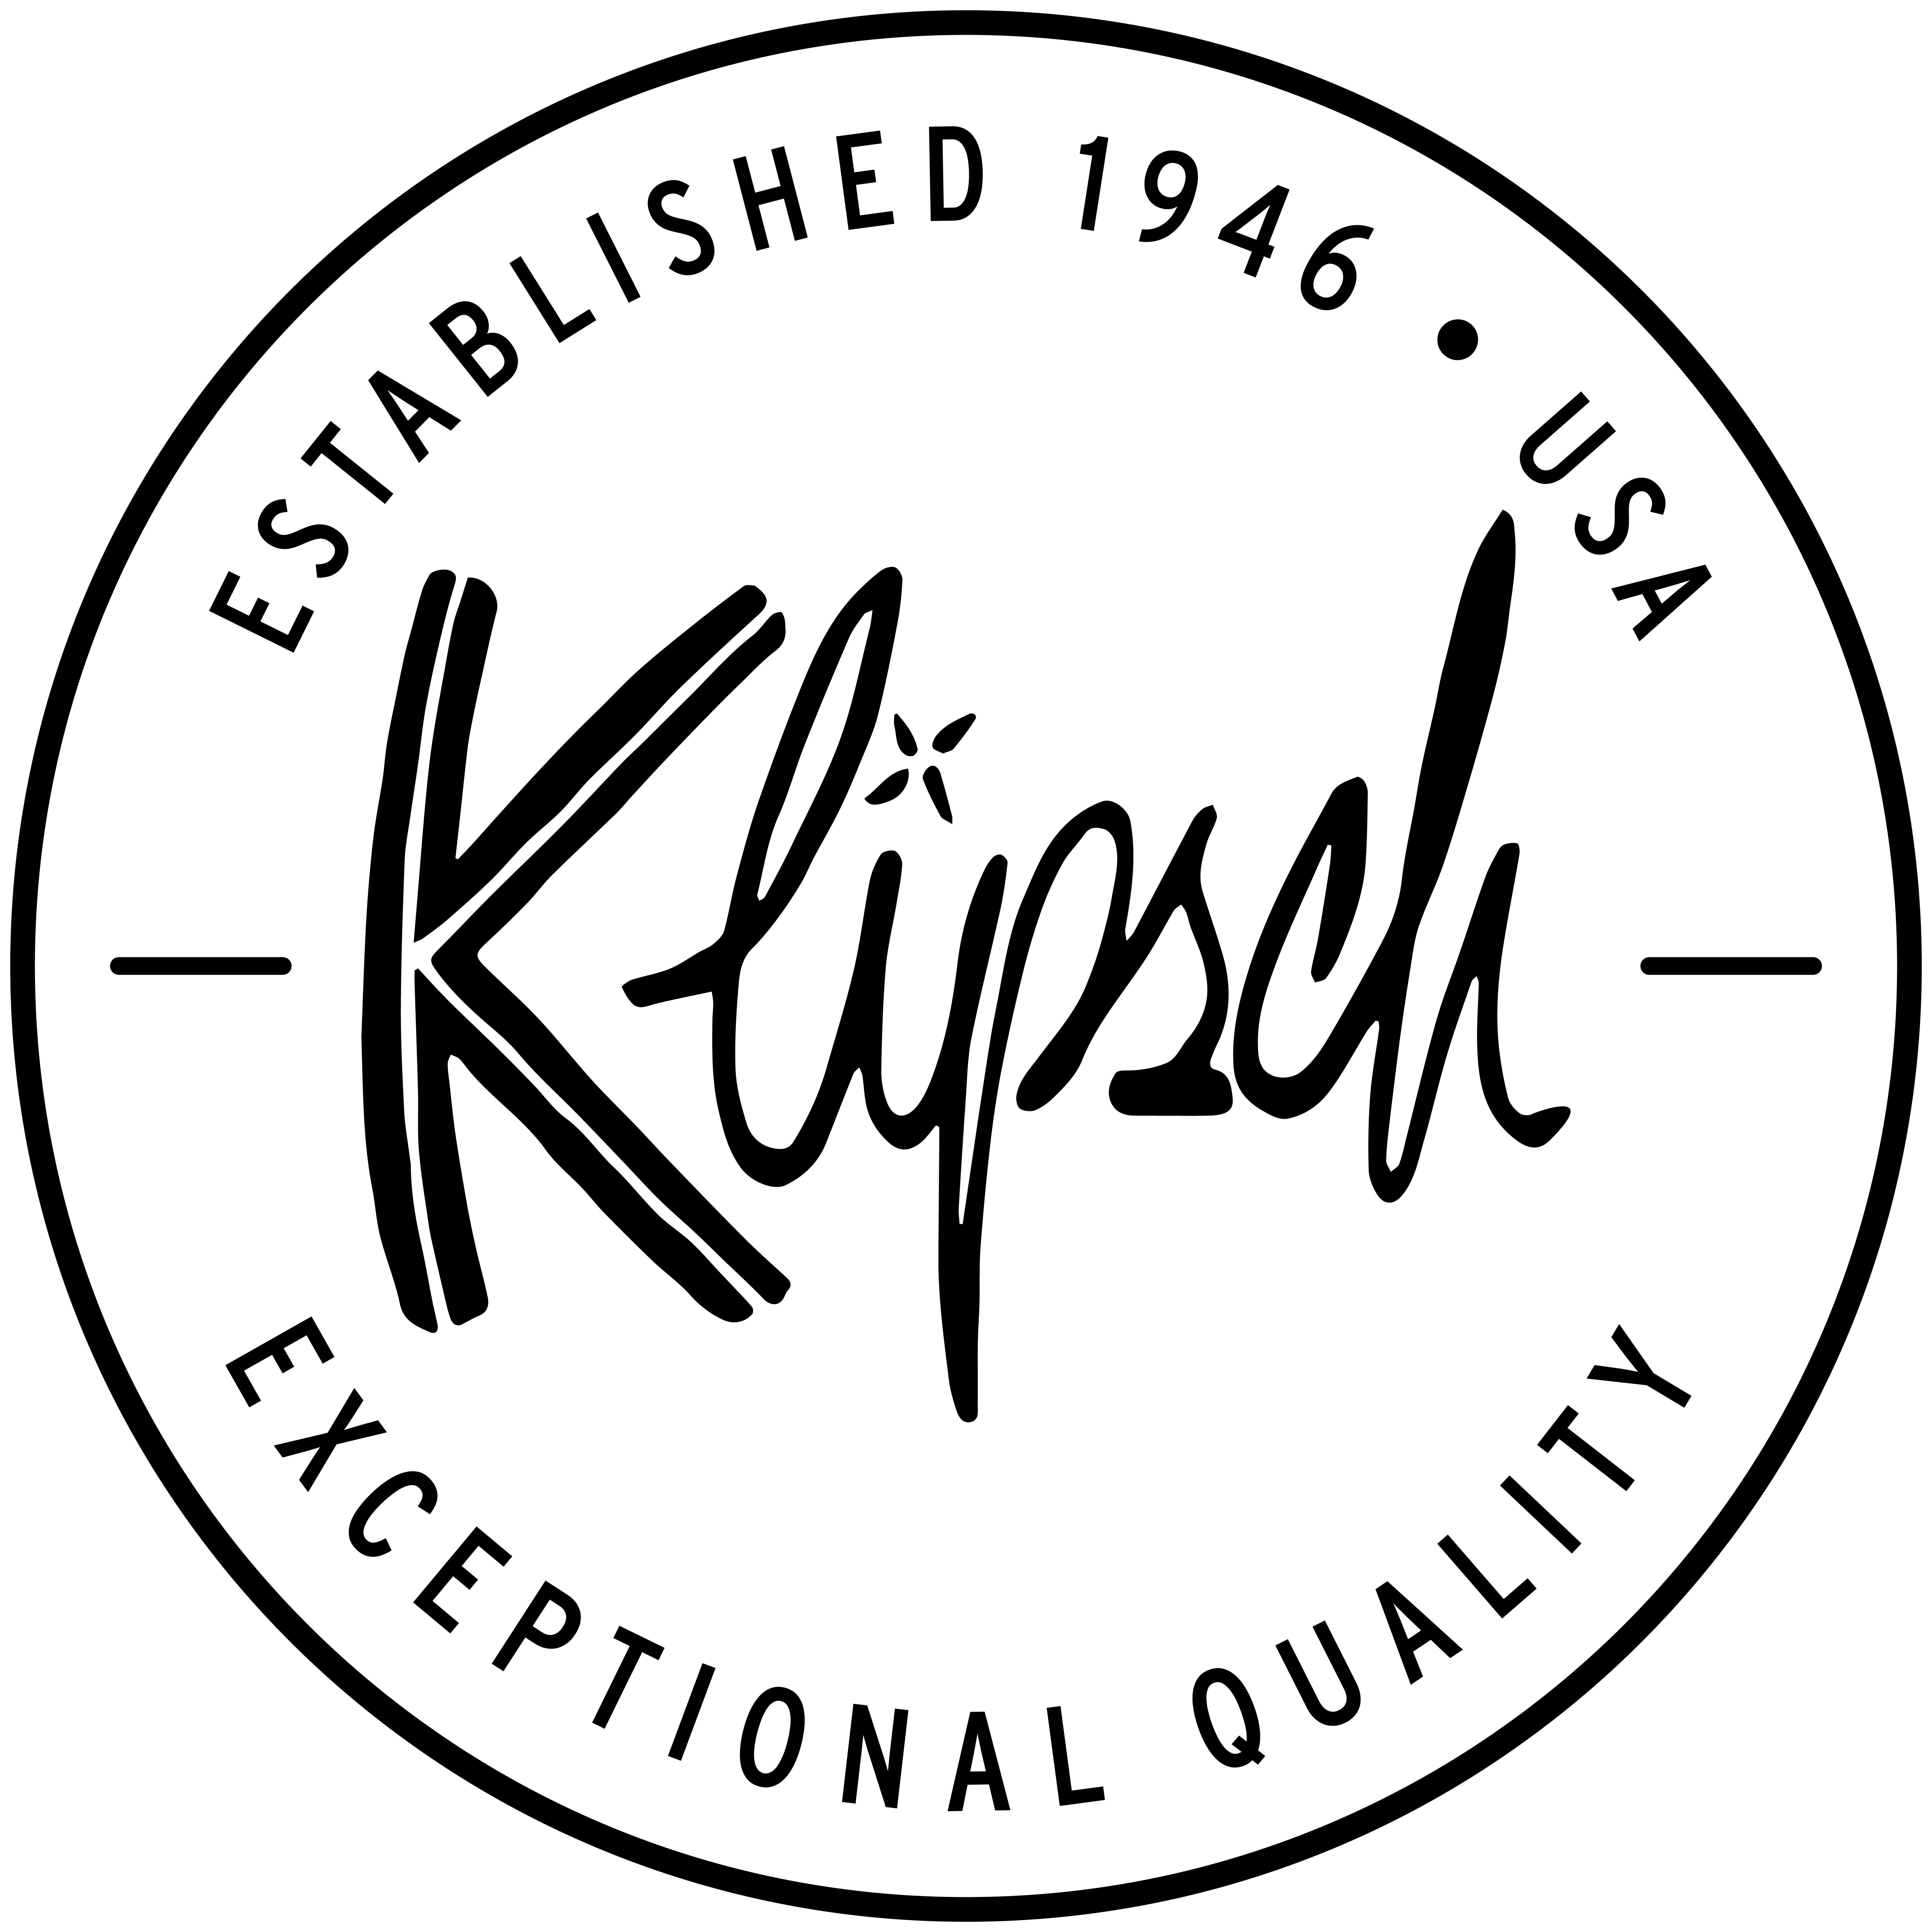 北美音响界霸主Klipsch来了:国外卖断货的好物,中国轻松买!